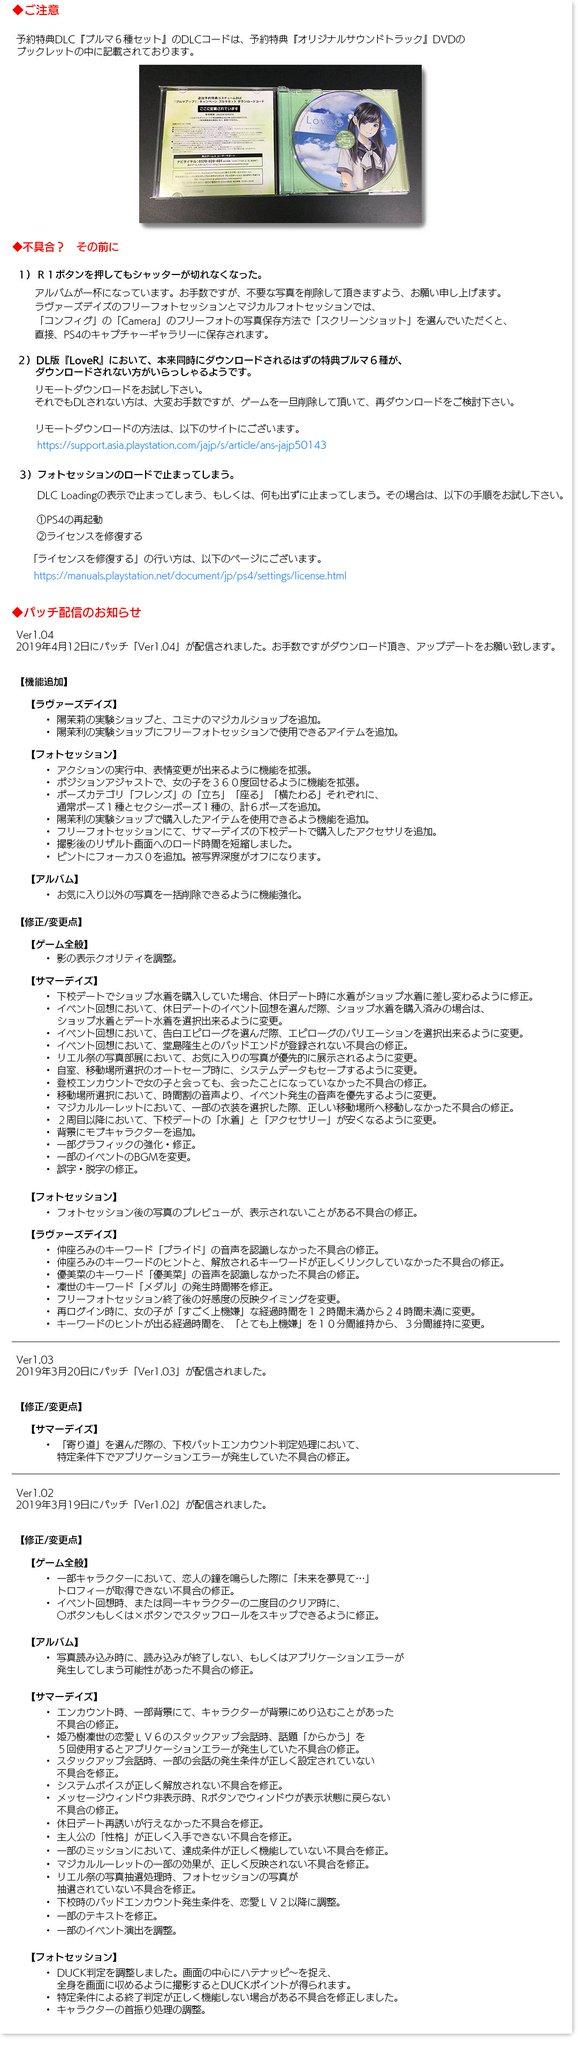 公式】LoveR(ラヴアール)&マジカルユミナ on Twitter